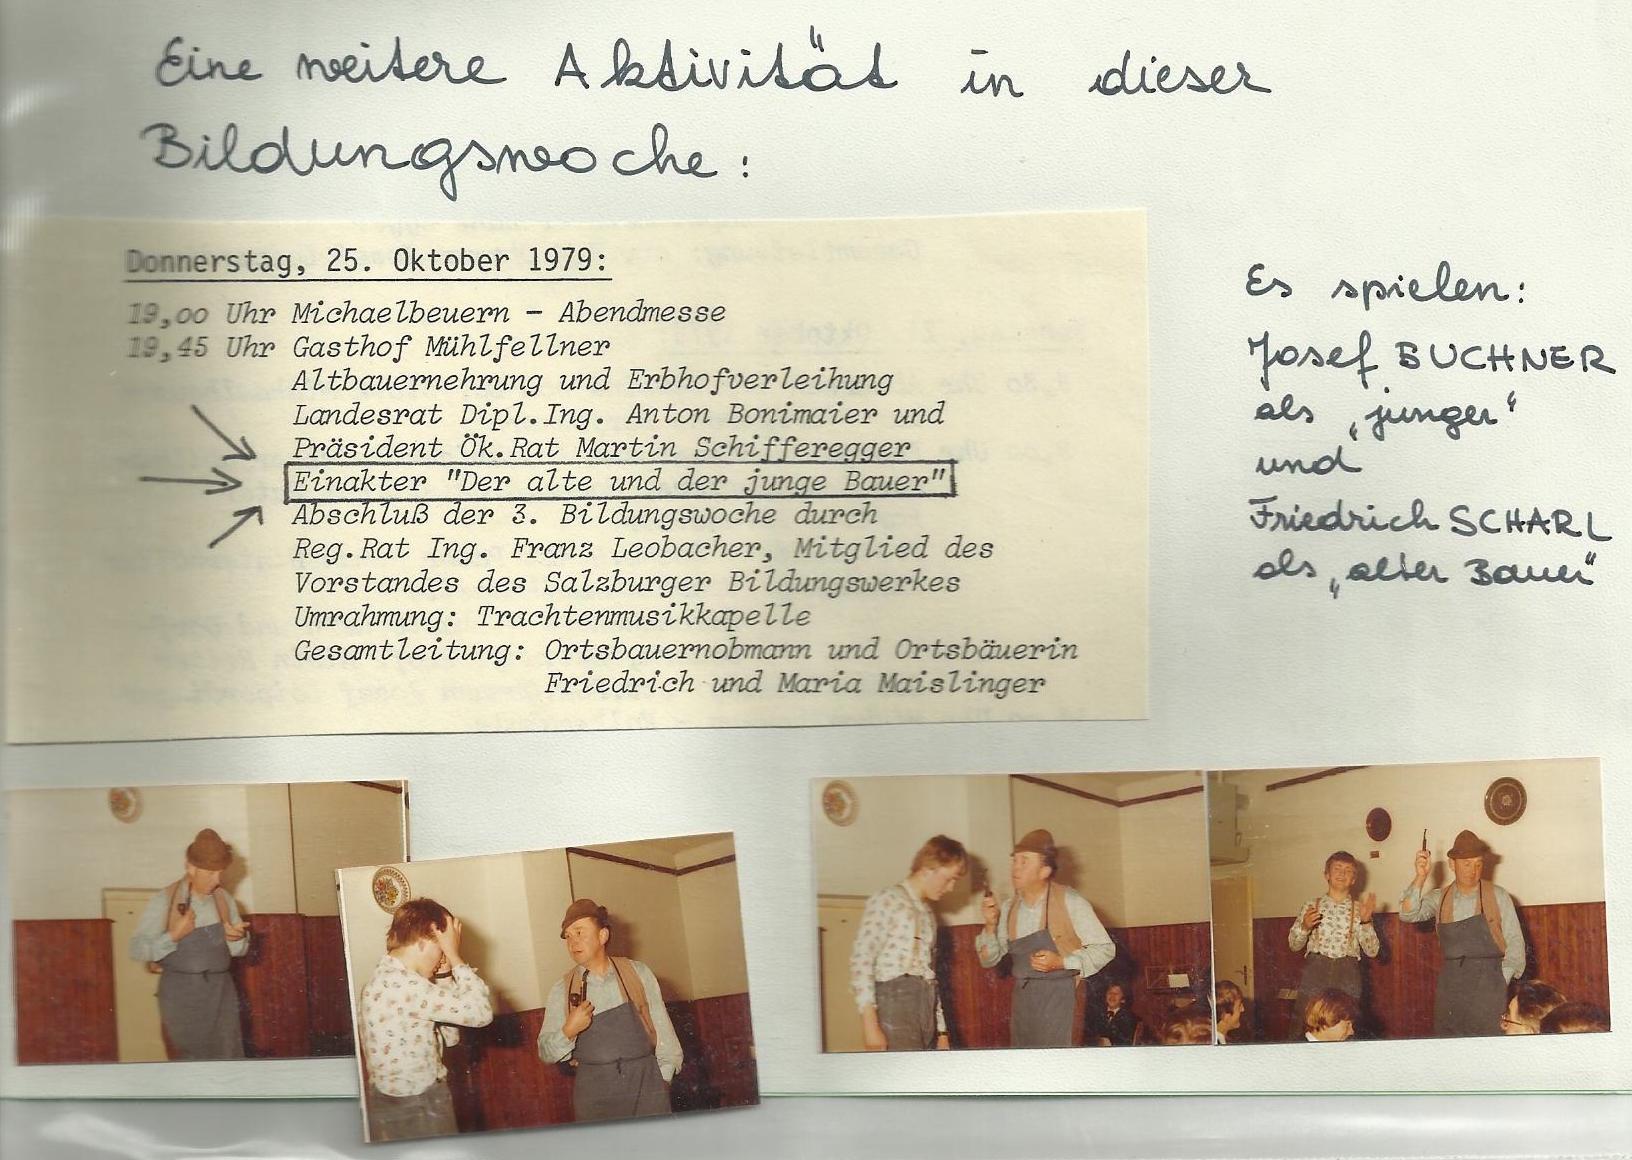 1979 Bildungswoche Der alte und der junge Bauer